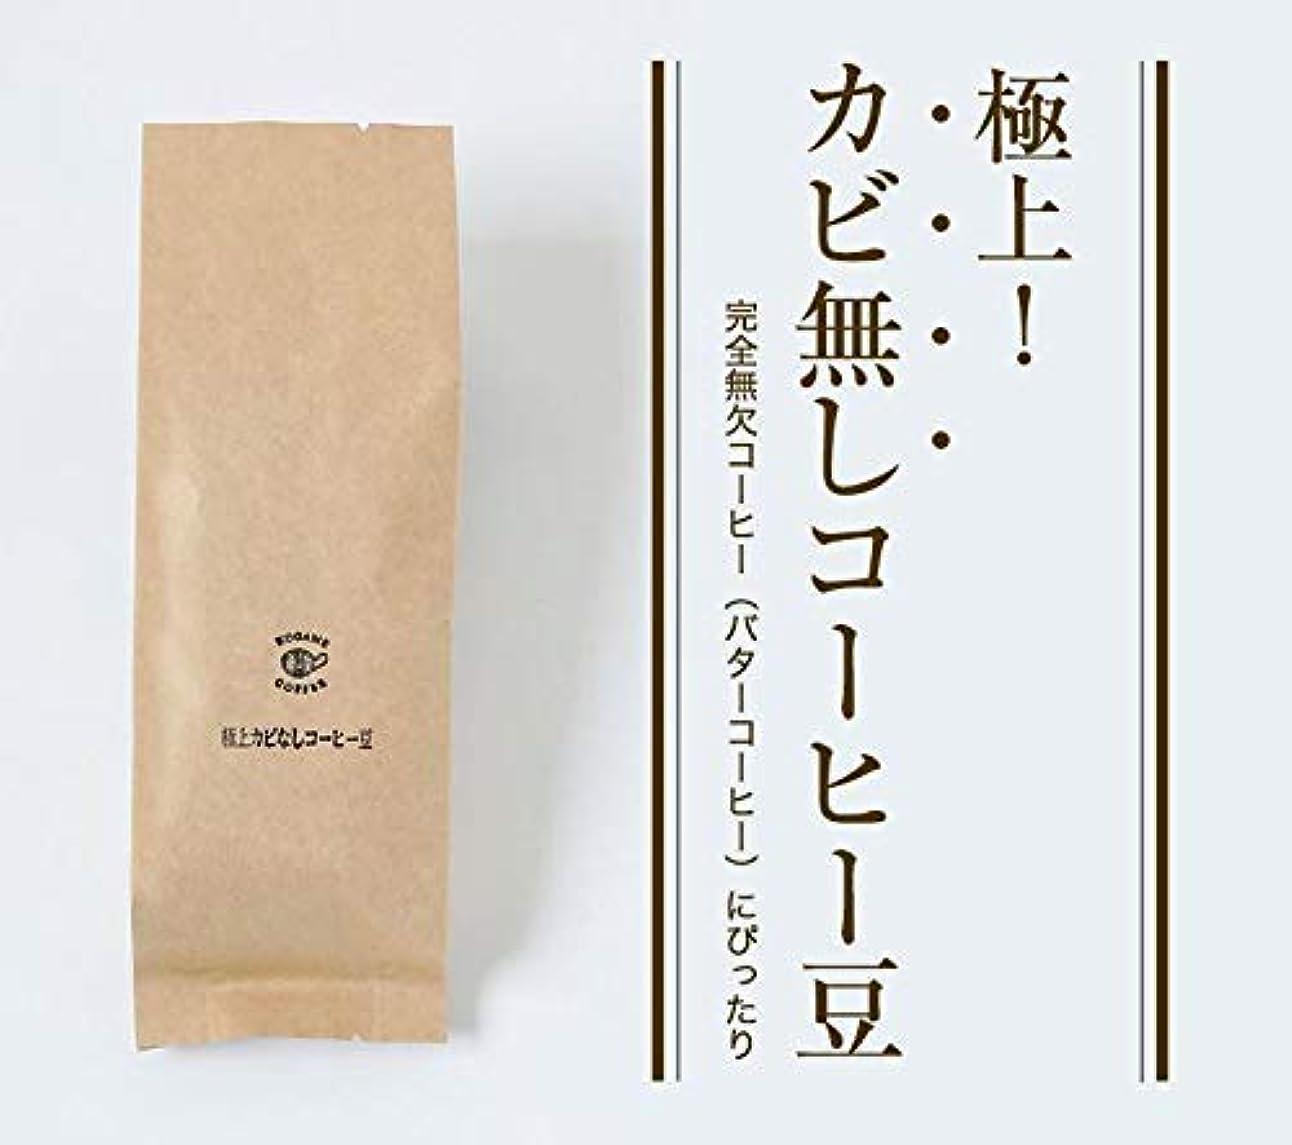 裏切り記者狭い【雑味なし】極上自家焙煎コーヒー豆「七色ブレンド珈琲」 スペシャルティブレンドコーヒー豆 100g(豆のまま)